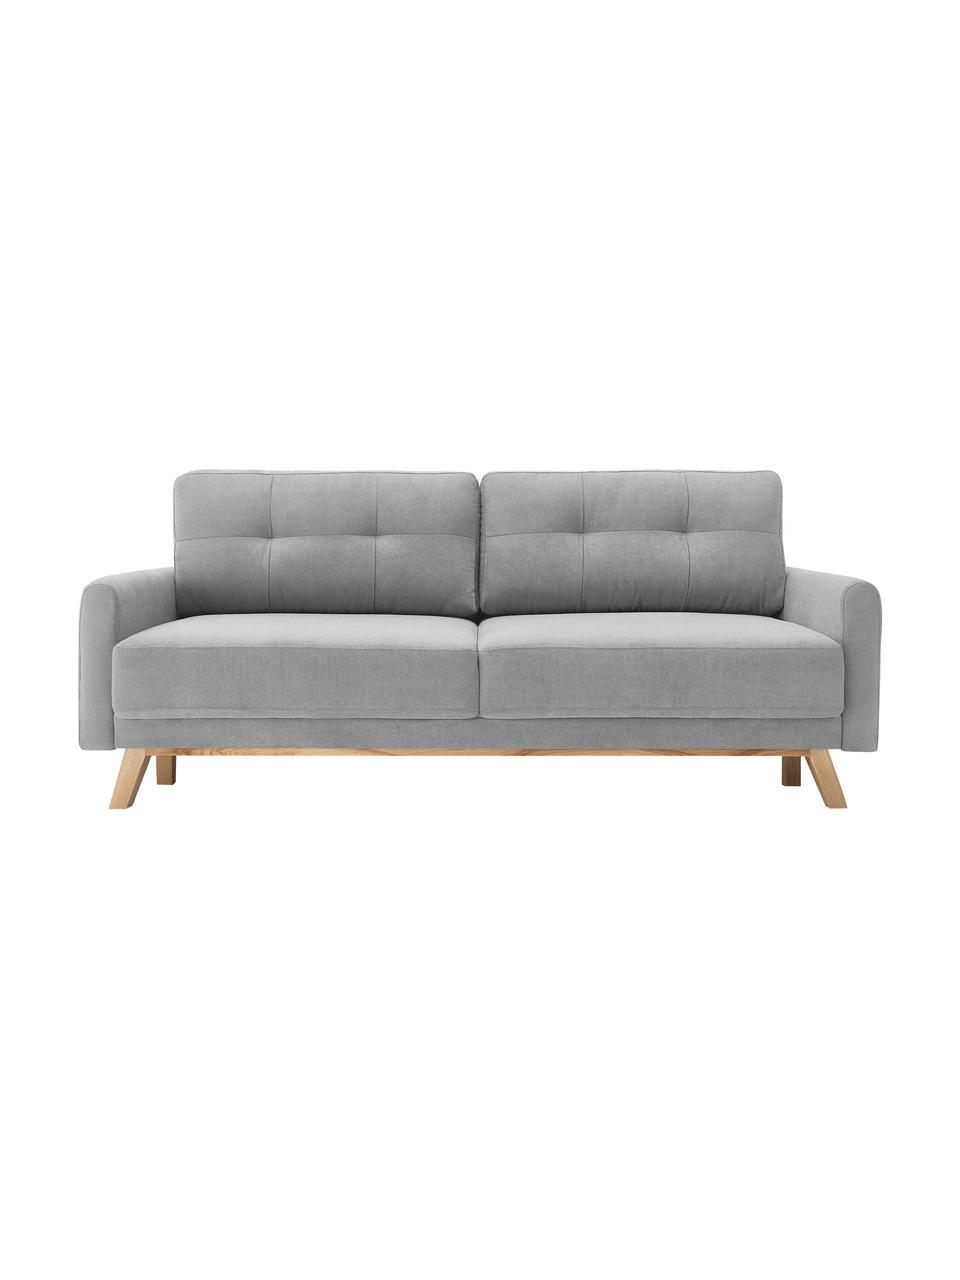 Sofa rozkładana z aksamitu z miejscem do przechowywania  Balio (3-osobowa), Tapicerka: 100% aksamit poliestrowy , Nogi: drewno naturalne, Aksamitny jasny szary, S 216 x G 102 cm